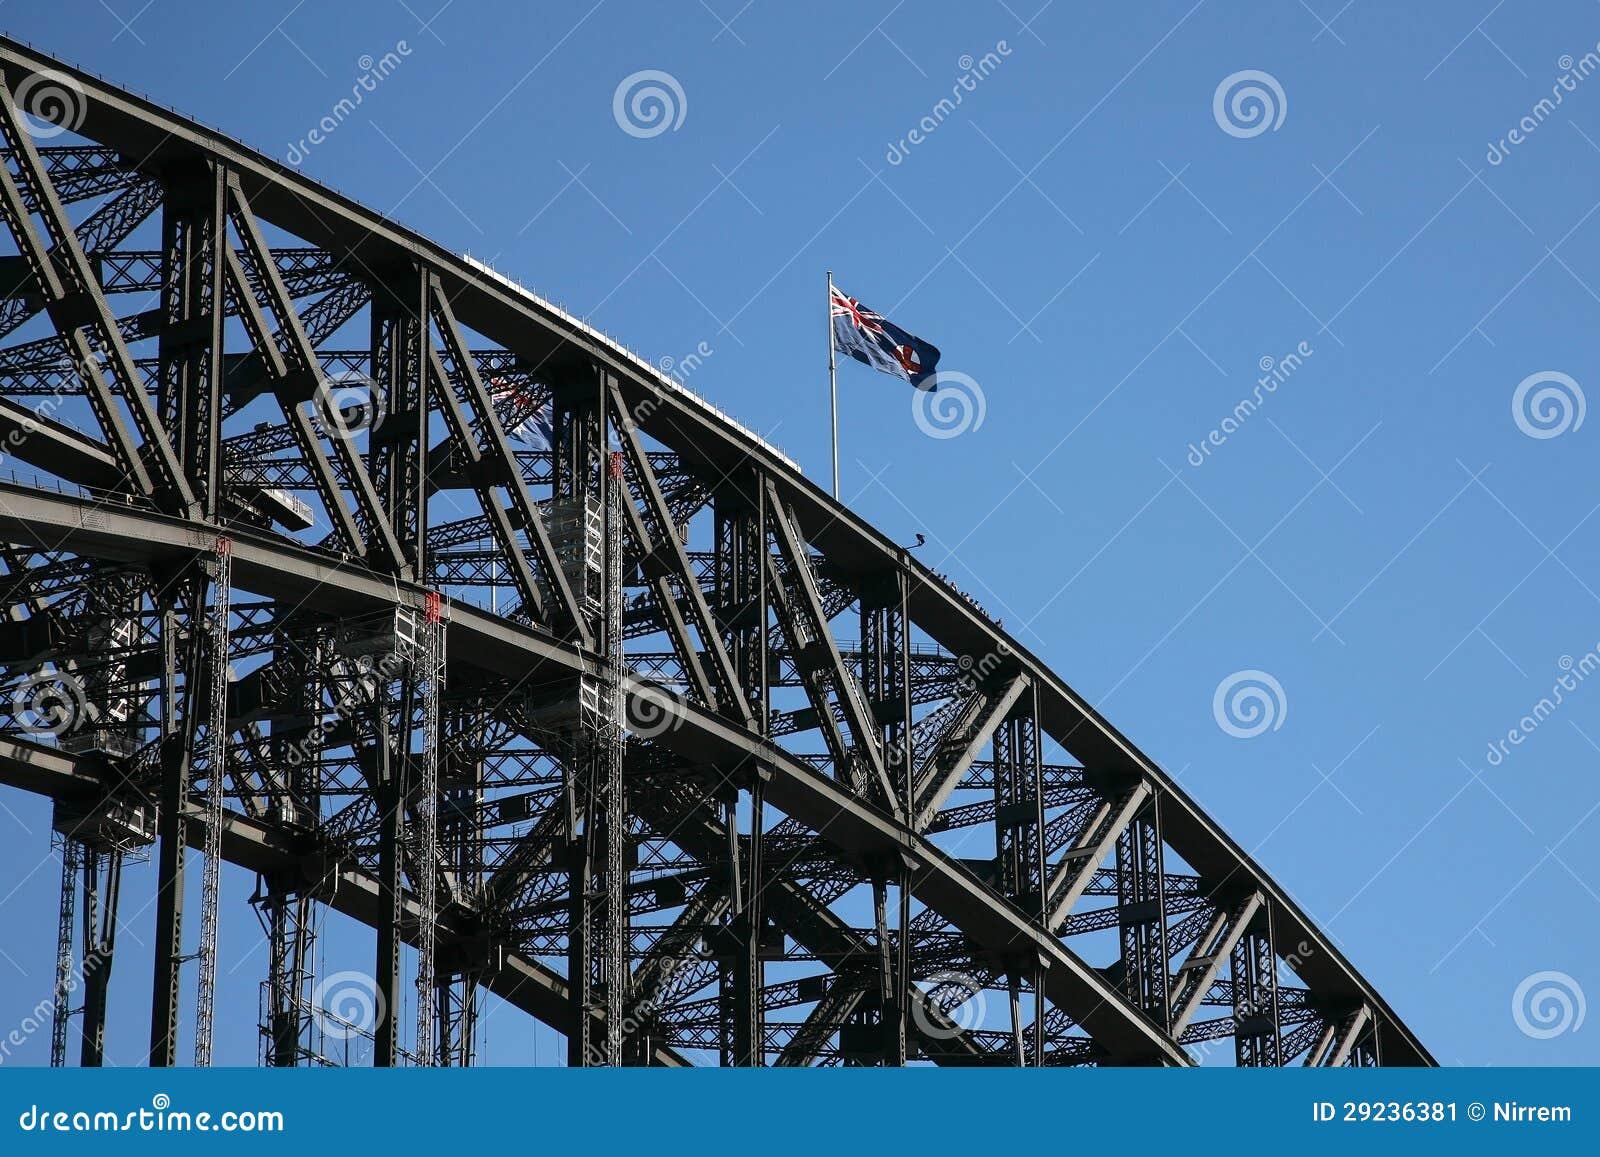 Download Bandeira imagem de stock. Imagem de céu, grande, girders - 29236381